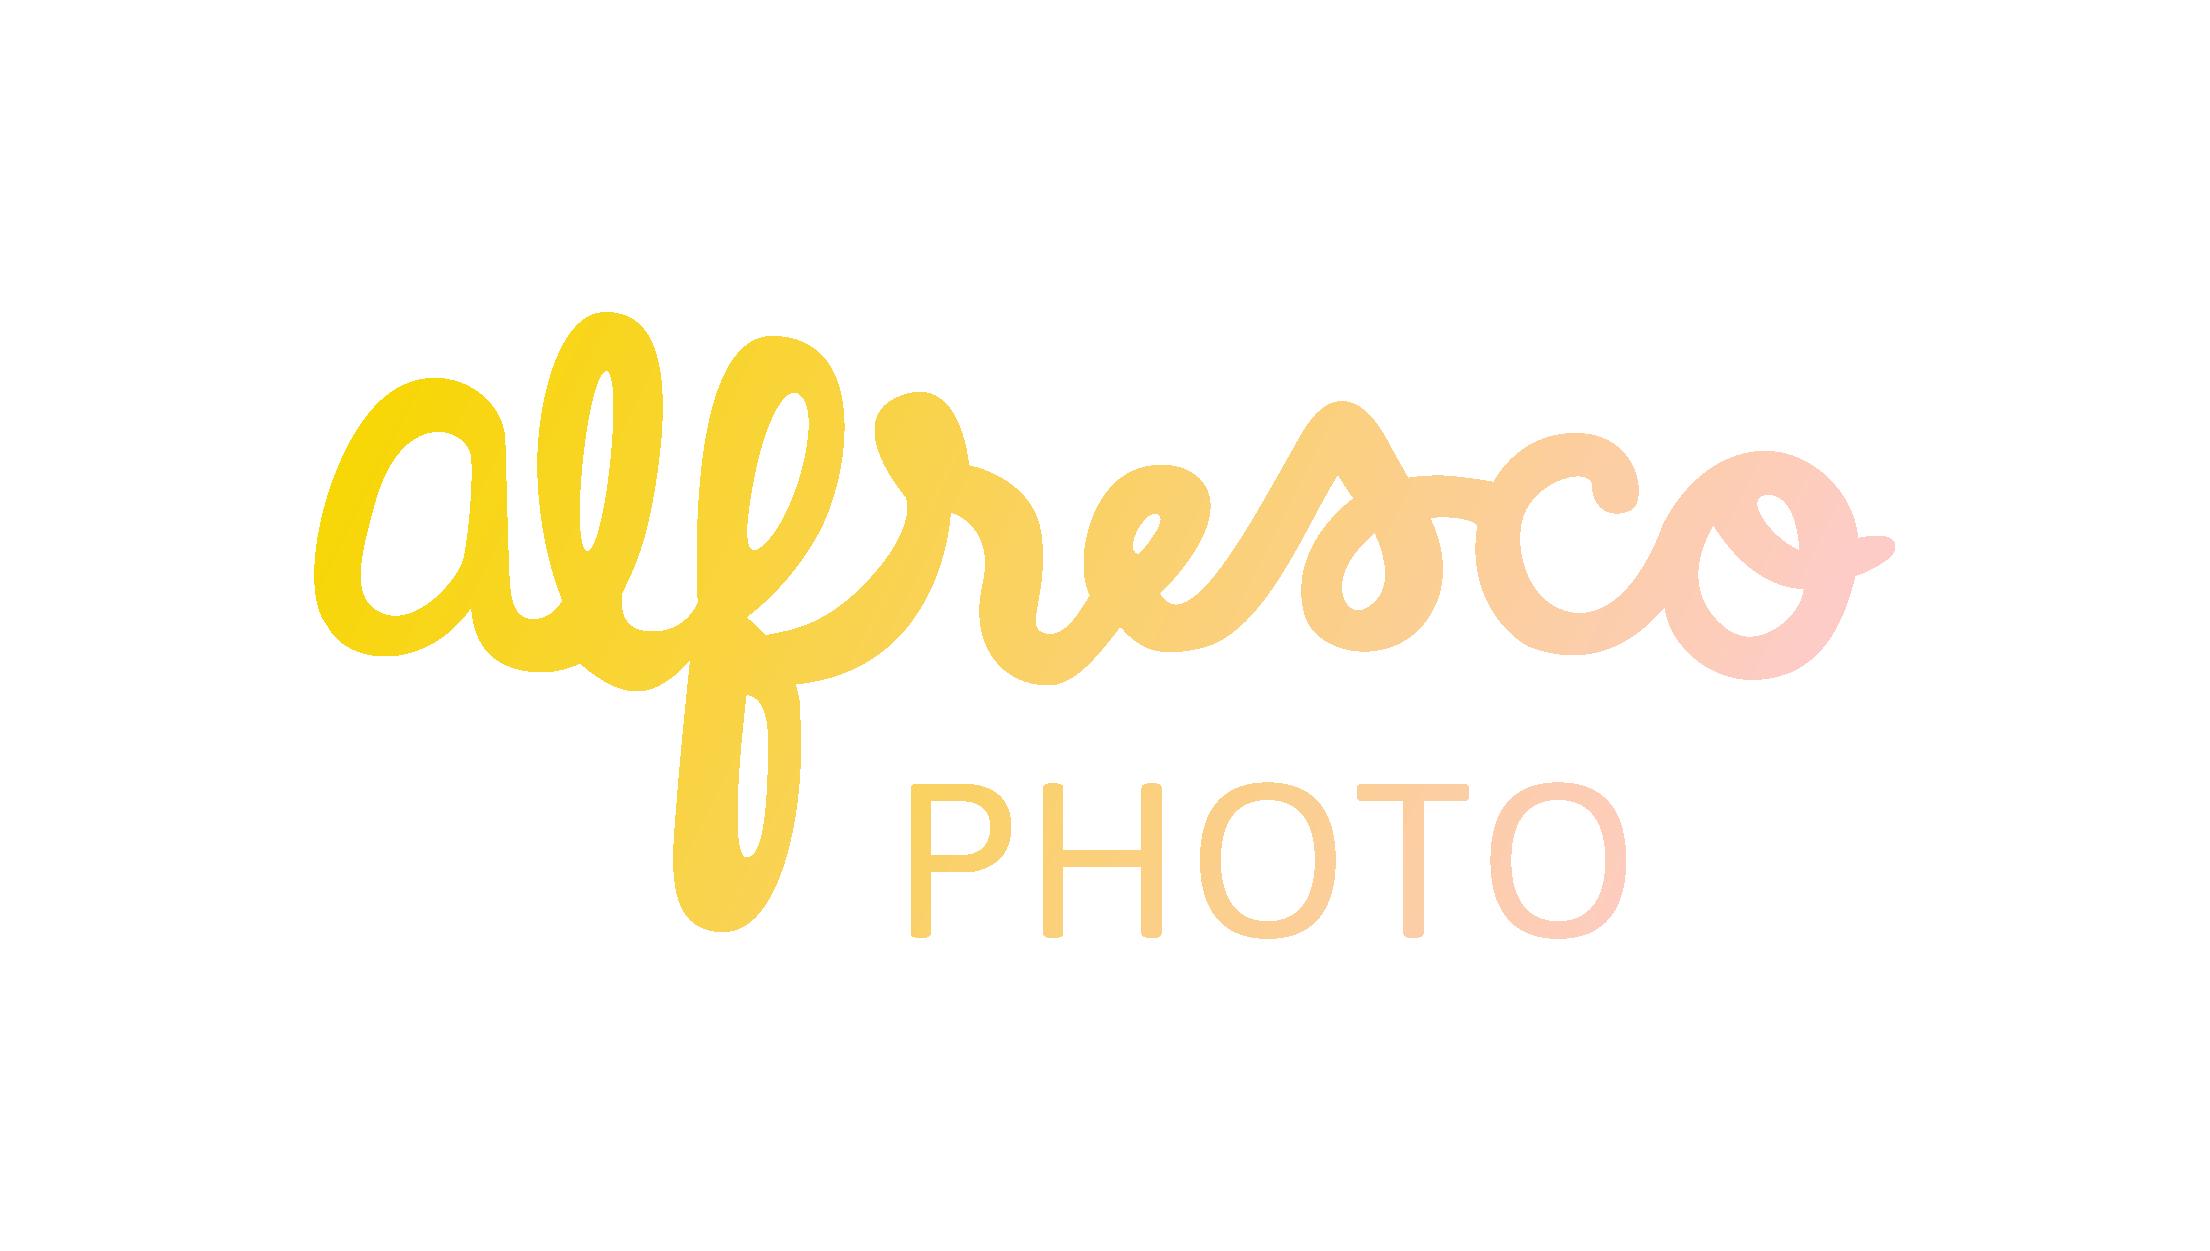 alfresco_primary_logo_gradient_yellow_beige.PNG